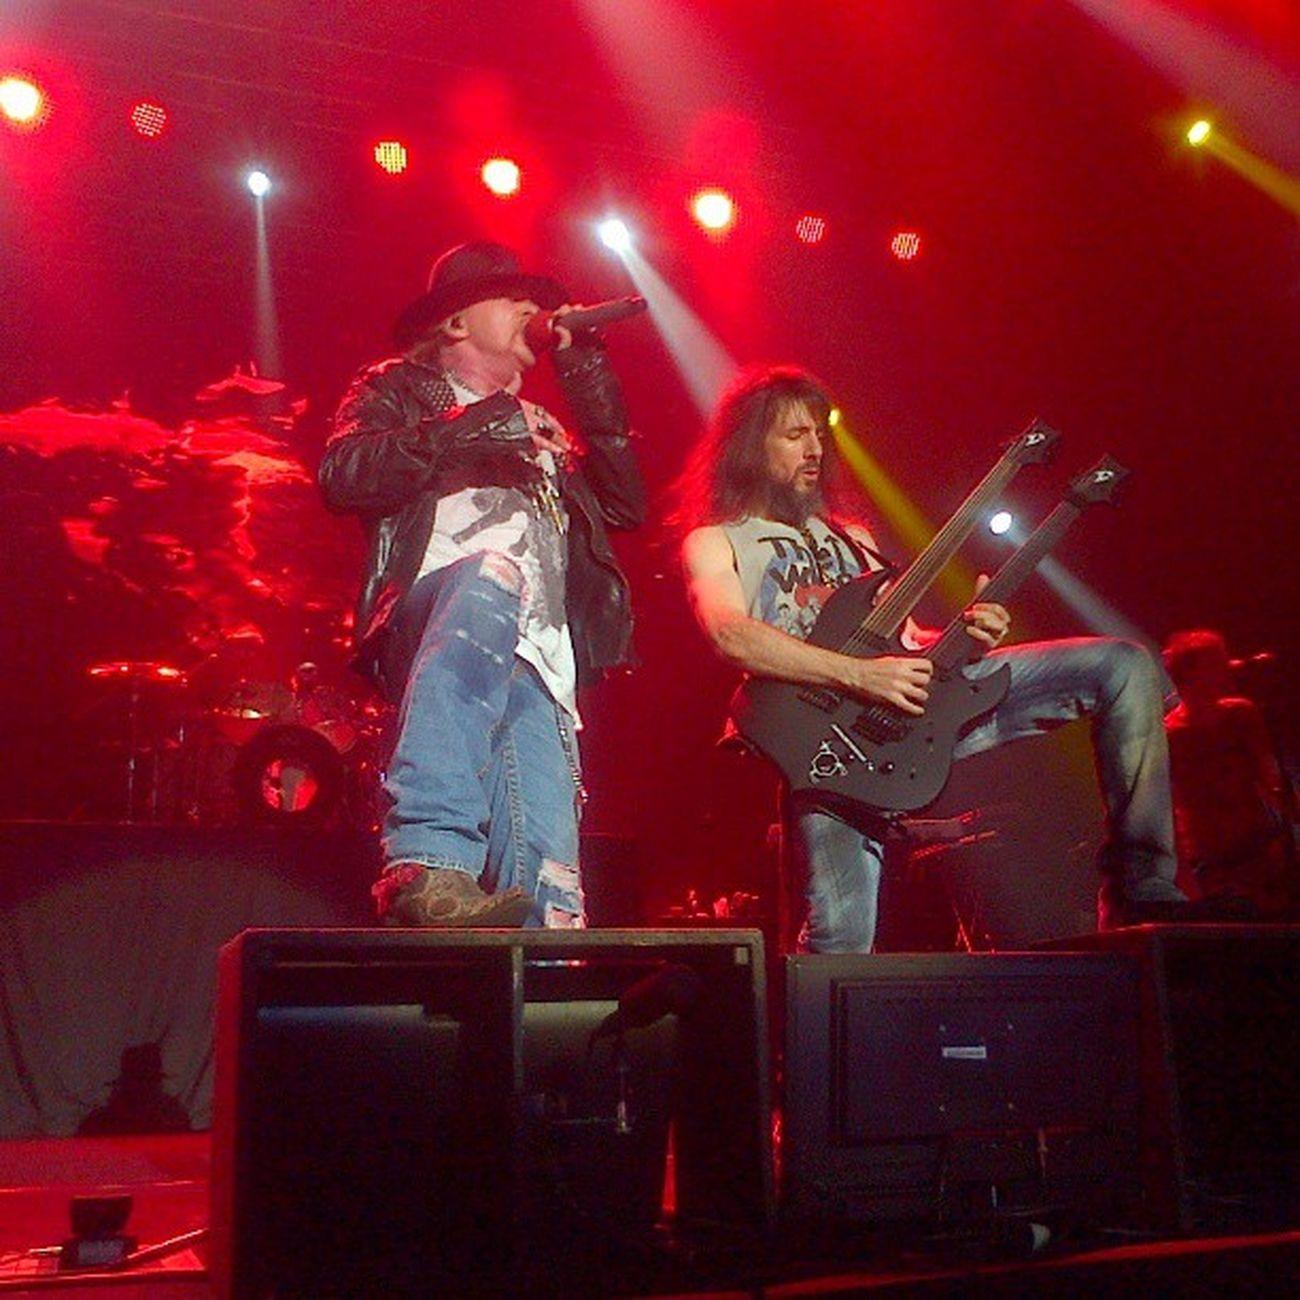 AXL & Bumblefoot Axl Bumblefoot Concert Gunsnroses liveinjakarta streetphotography shotbybimo